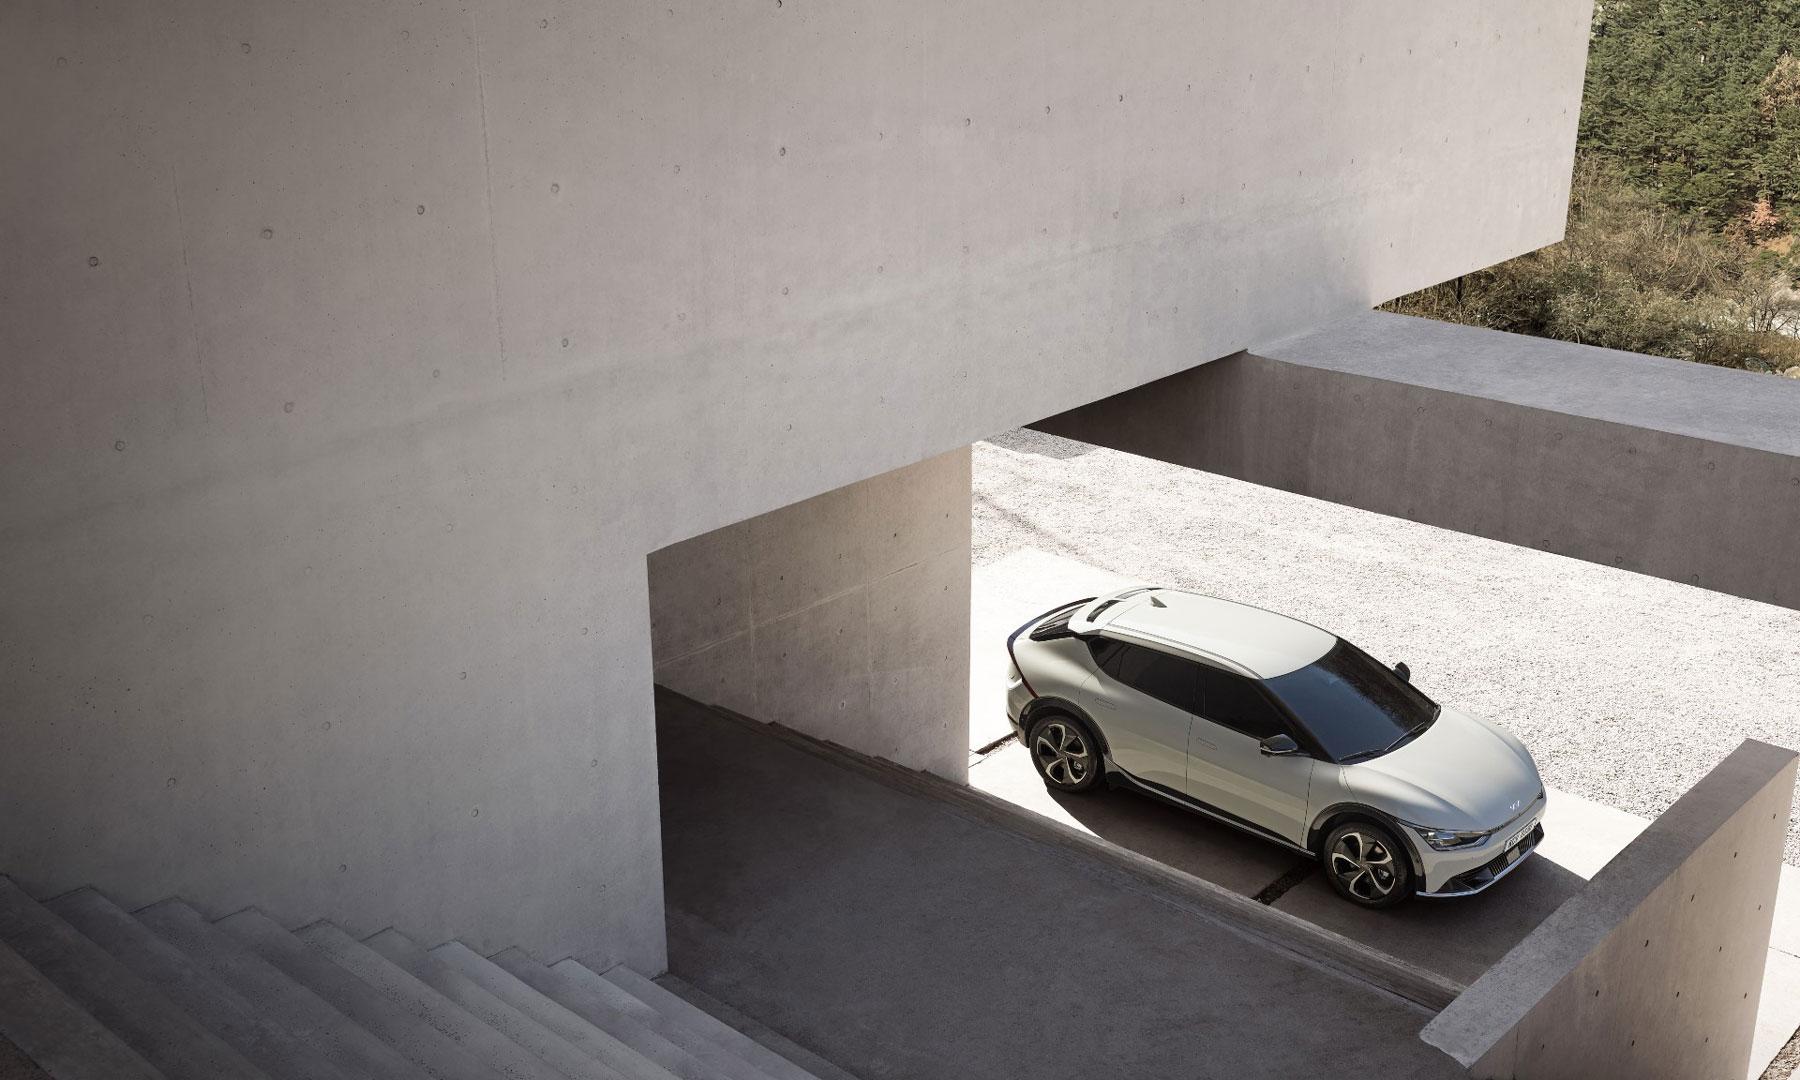 Der KIA EV6, Weltpremiere, KIA verkauft umweltfreundliche Elektroautos.